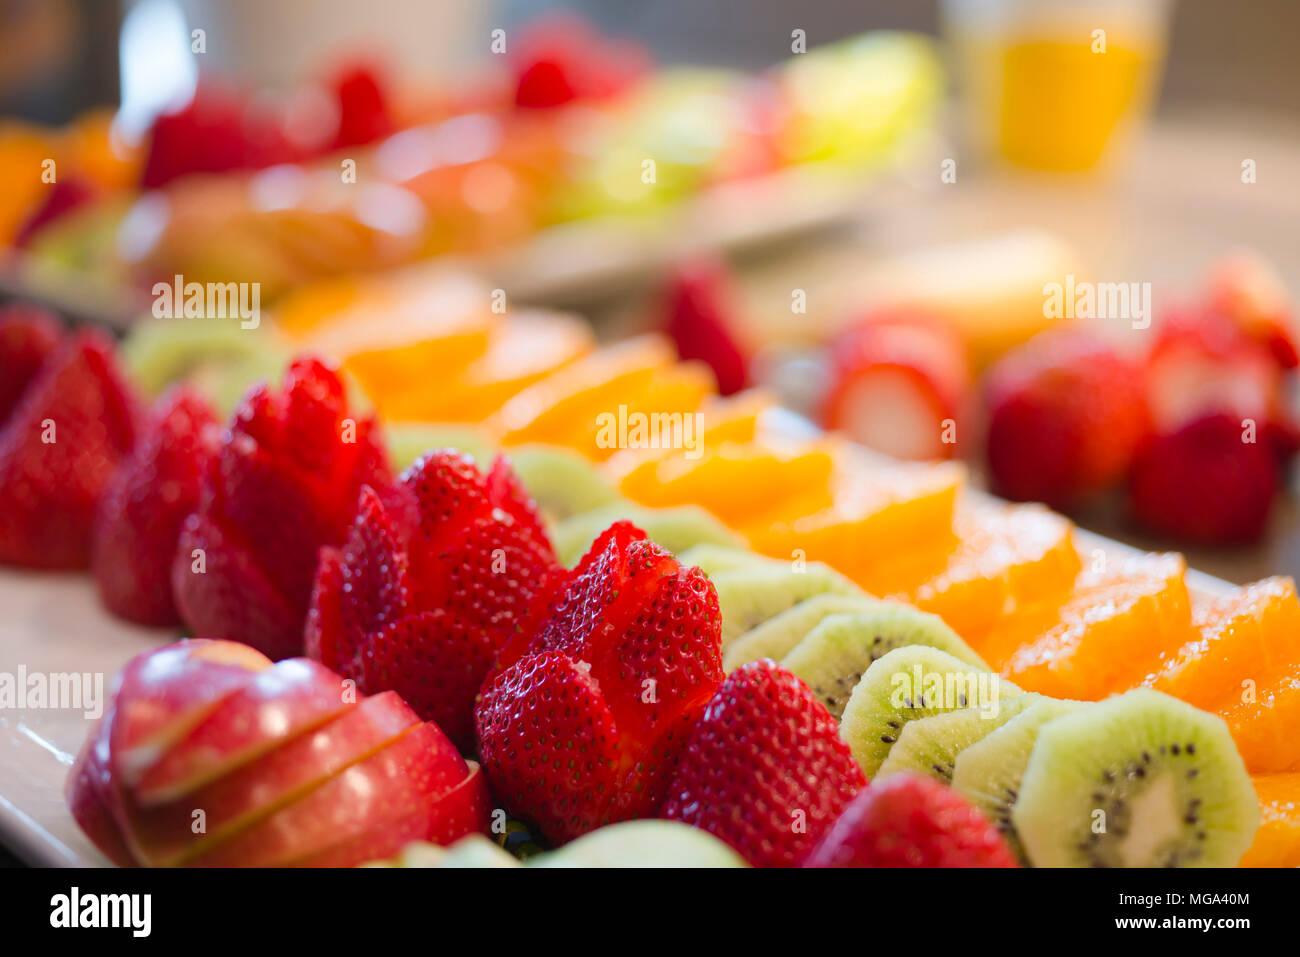 Ordinatamente stabilito prelibatezze di basso contenuto calorico dolci freschi di fettine di mele fragola kiwi e arance sono pronti per qualsiasi tabella di festa durante th Immagini Stock